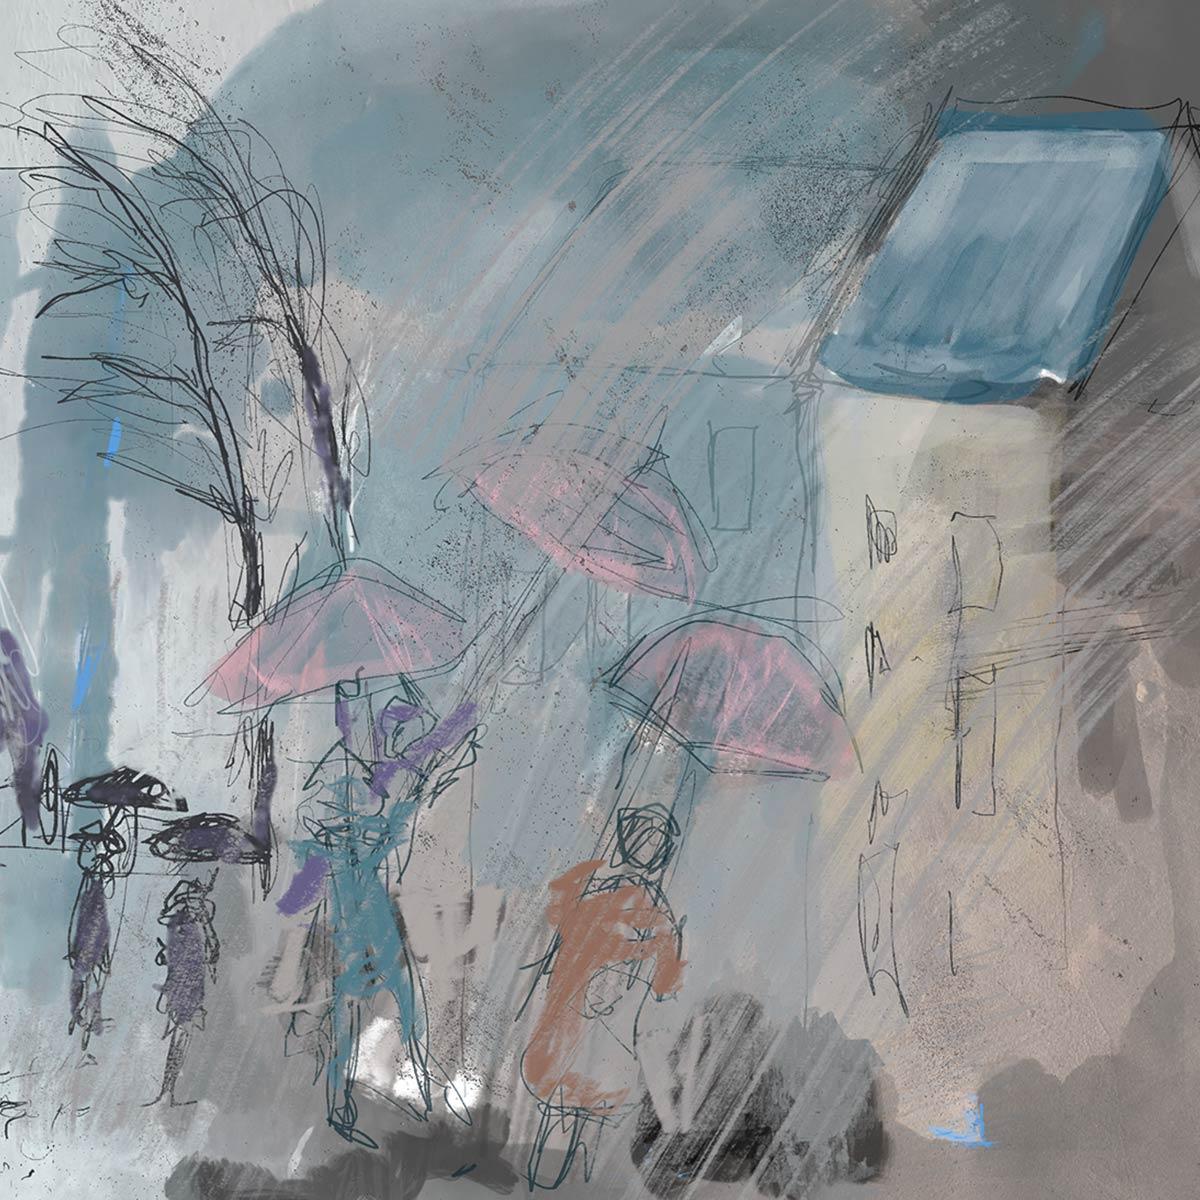 singing in the rain © Anne-Riet de Boer